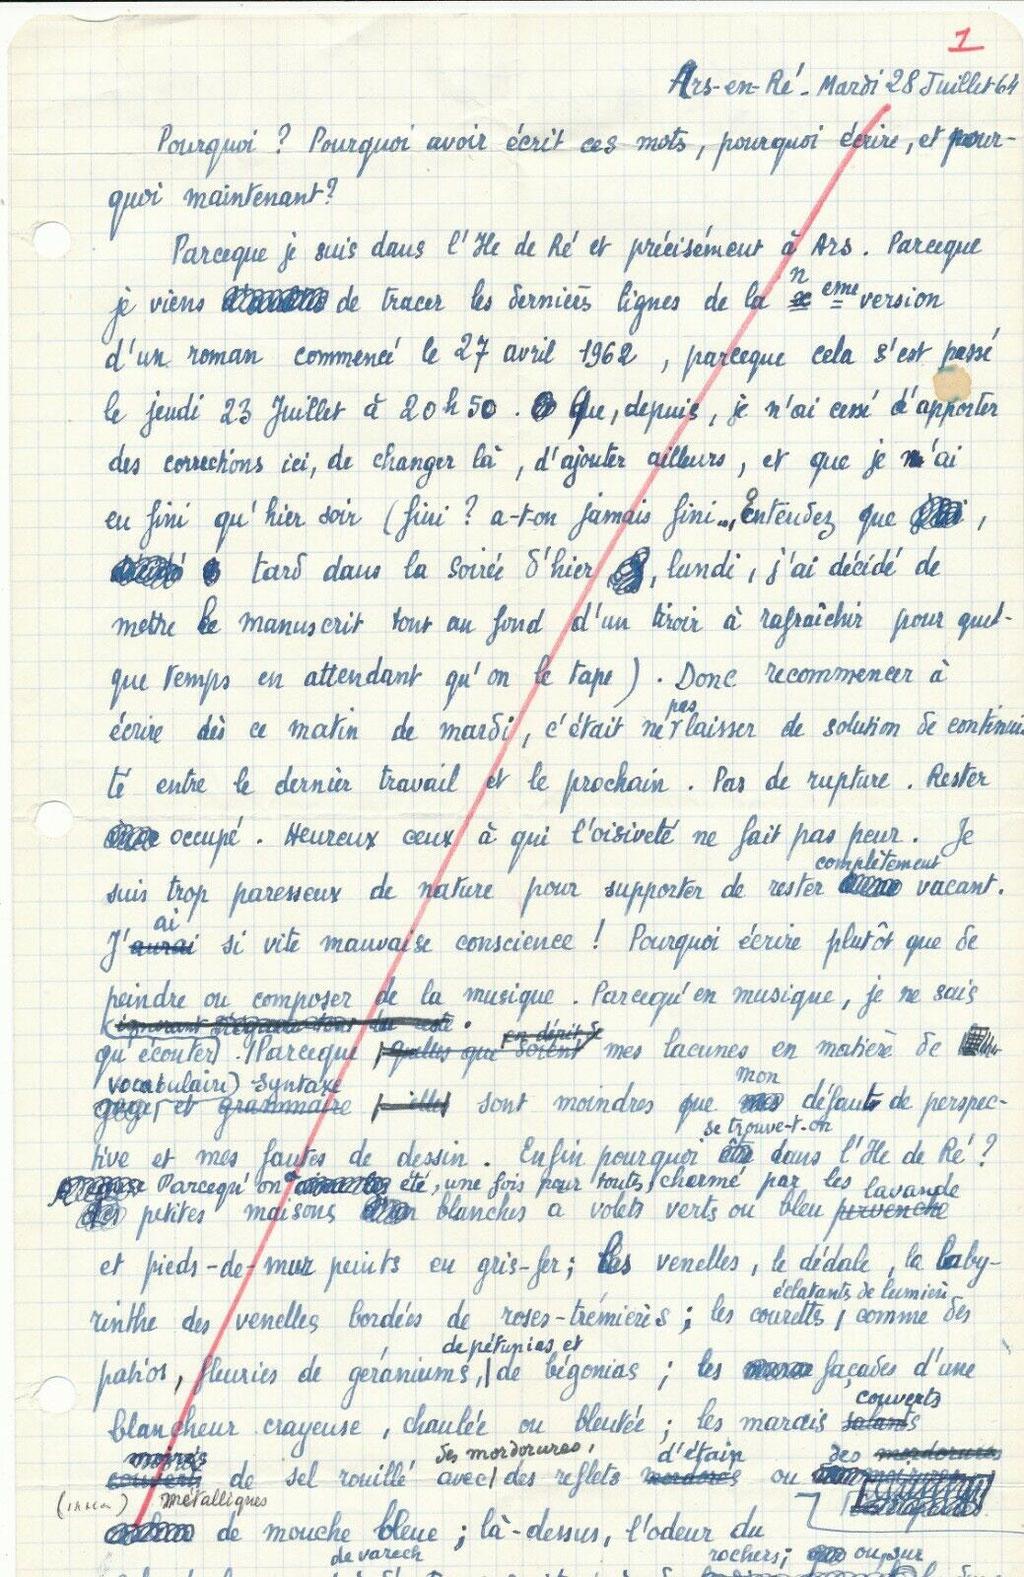 Jean Jacques Gautier manuscrit autographe